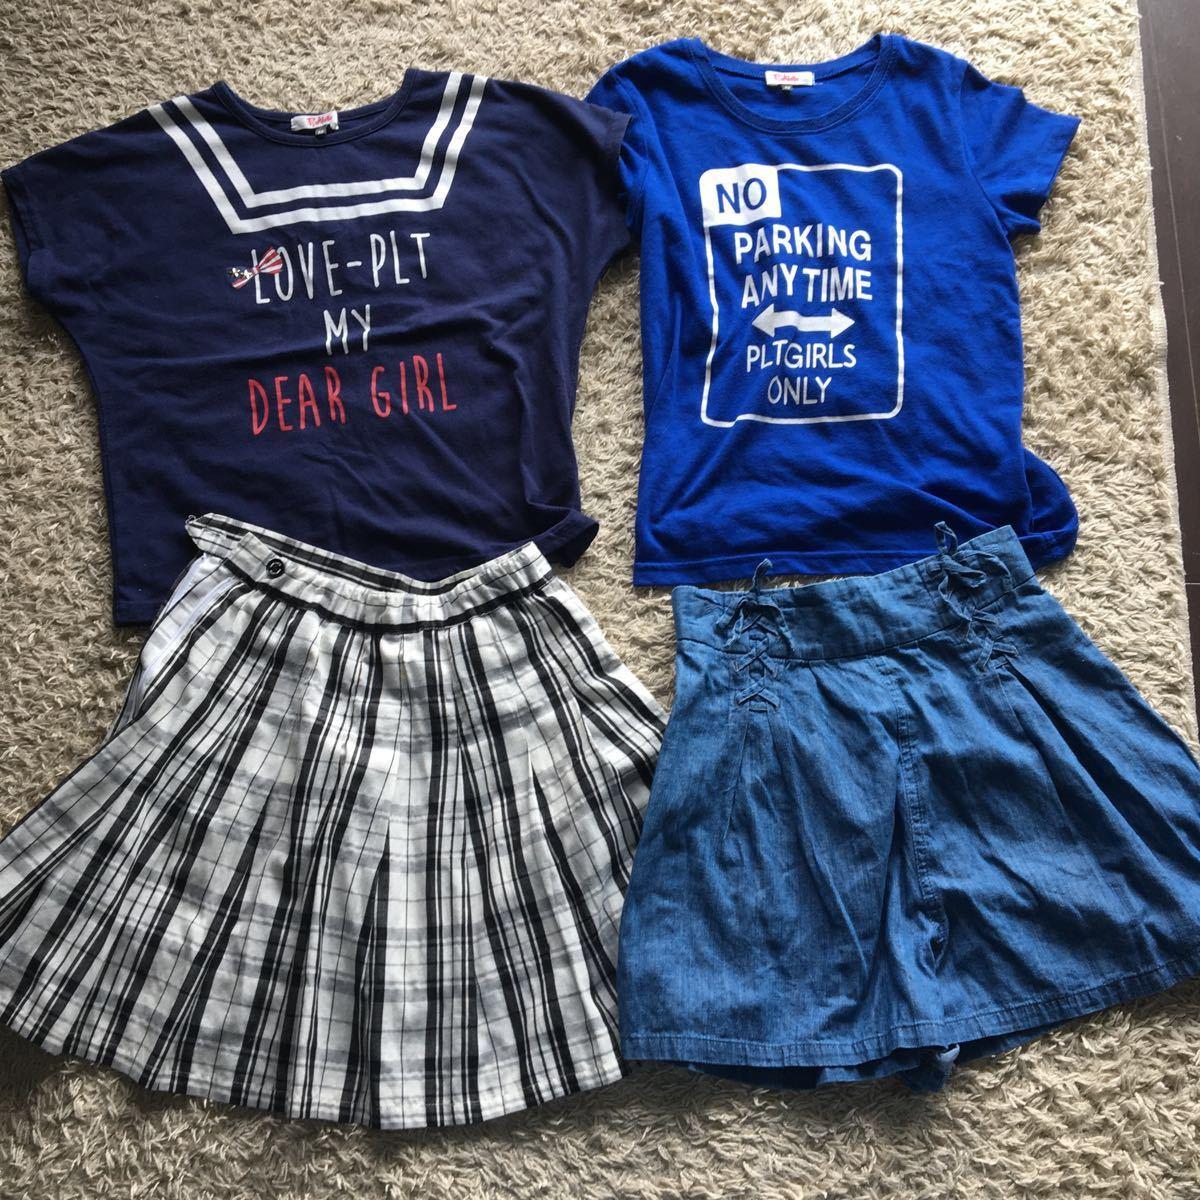 ラブトキシック★ピンクラテ★150セット★スカート キュロットショートパンツTシャツ